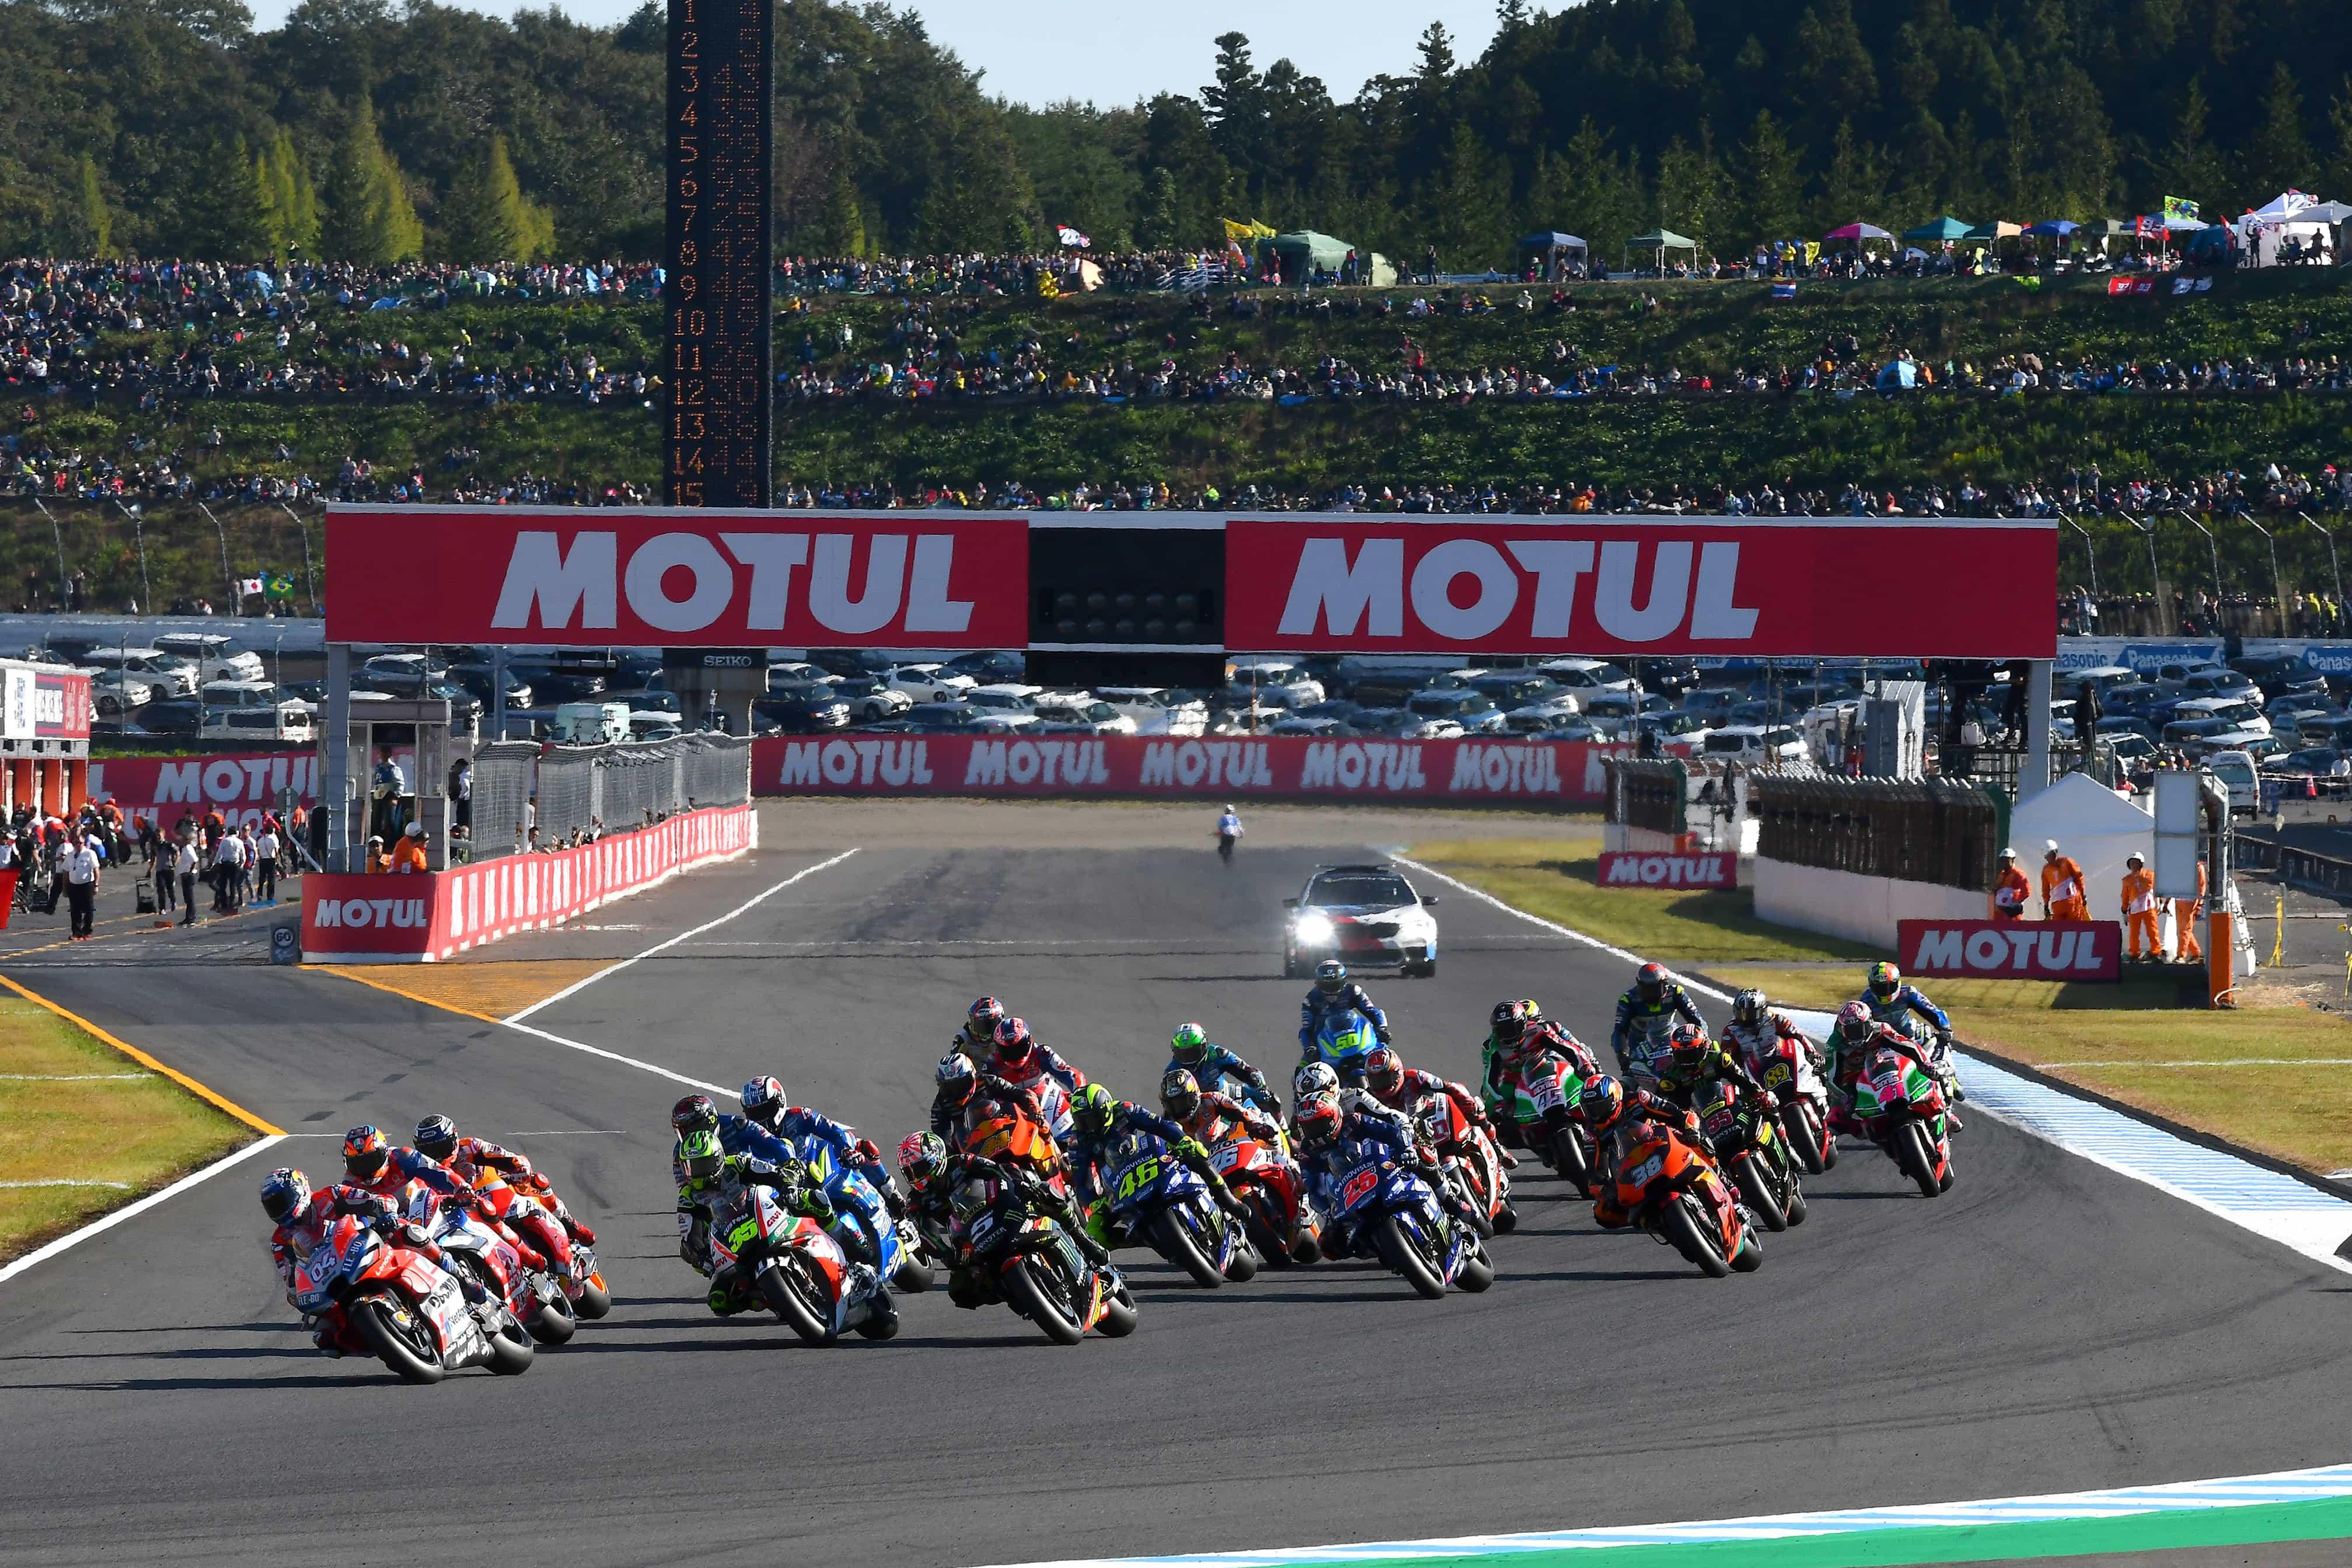 ミシュラン 3週連続レースの初戦となる日本へ